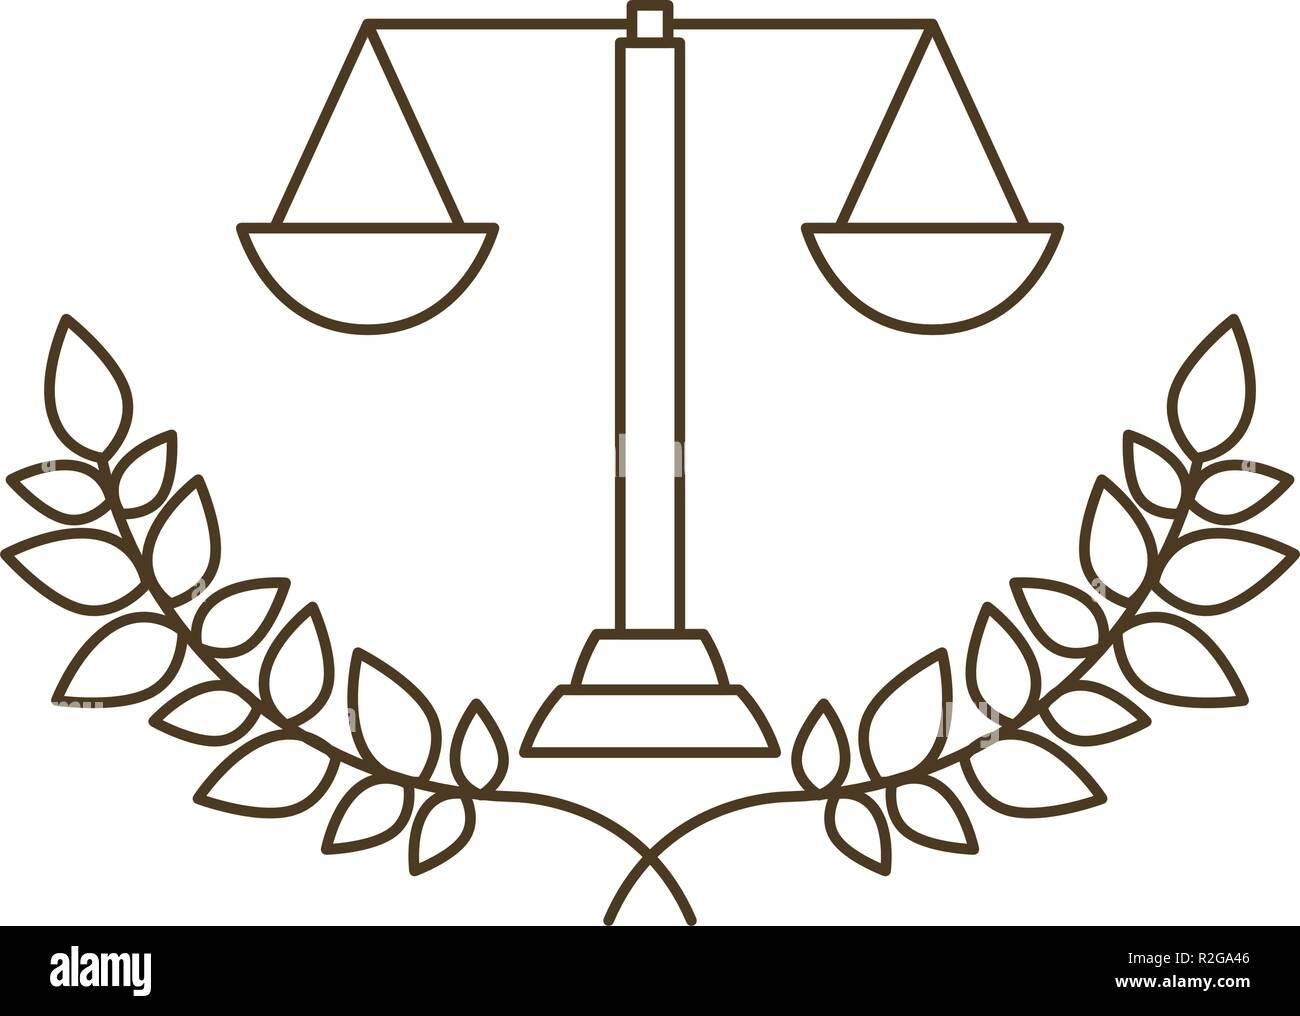 Bilancia Della Giustizia Con Ramo Di Albero Con Foglie Icona Isolato